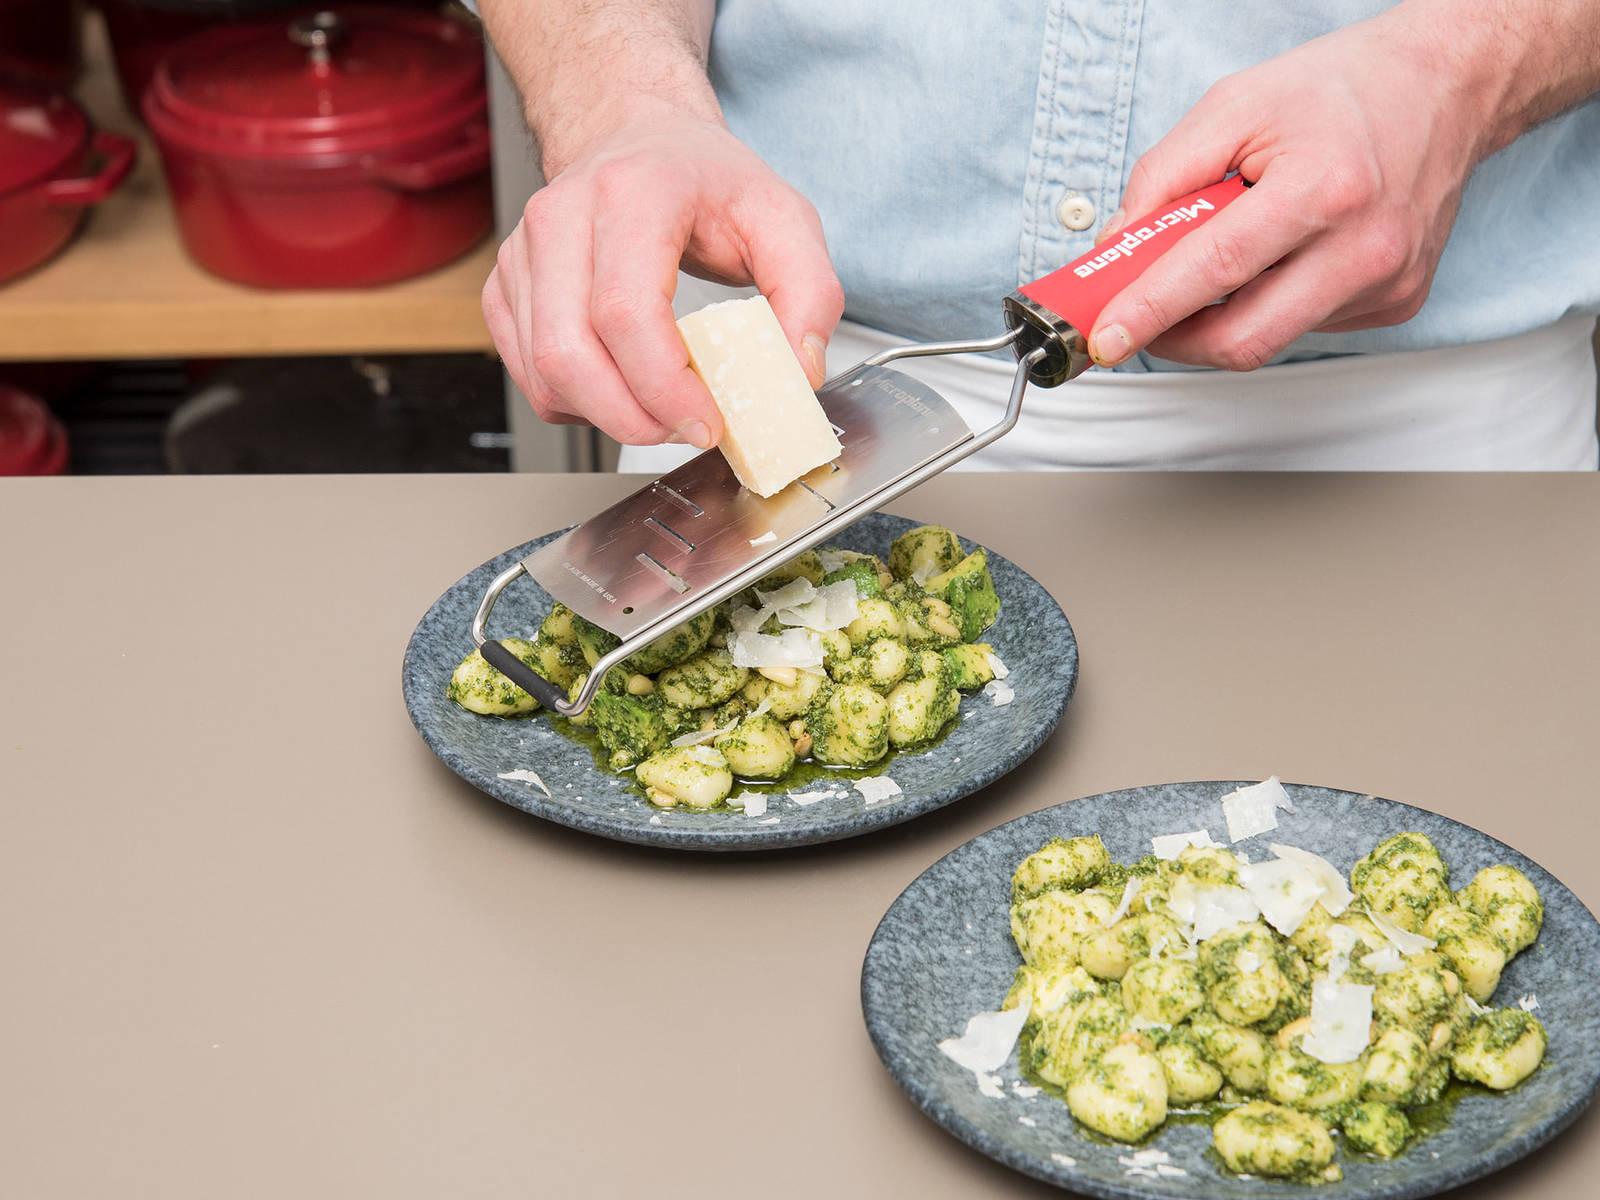 帕马森芝士擦屑。撒上盐和胡椒调味。尽情享用吧!